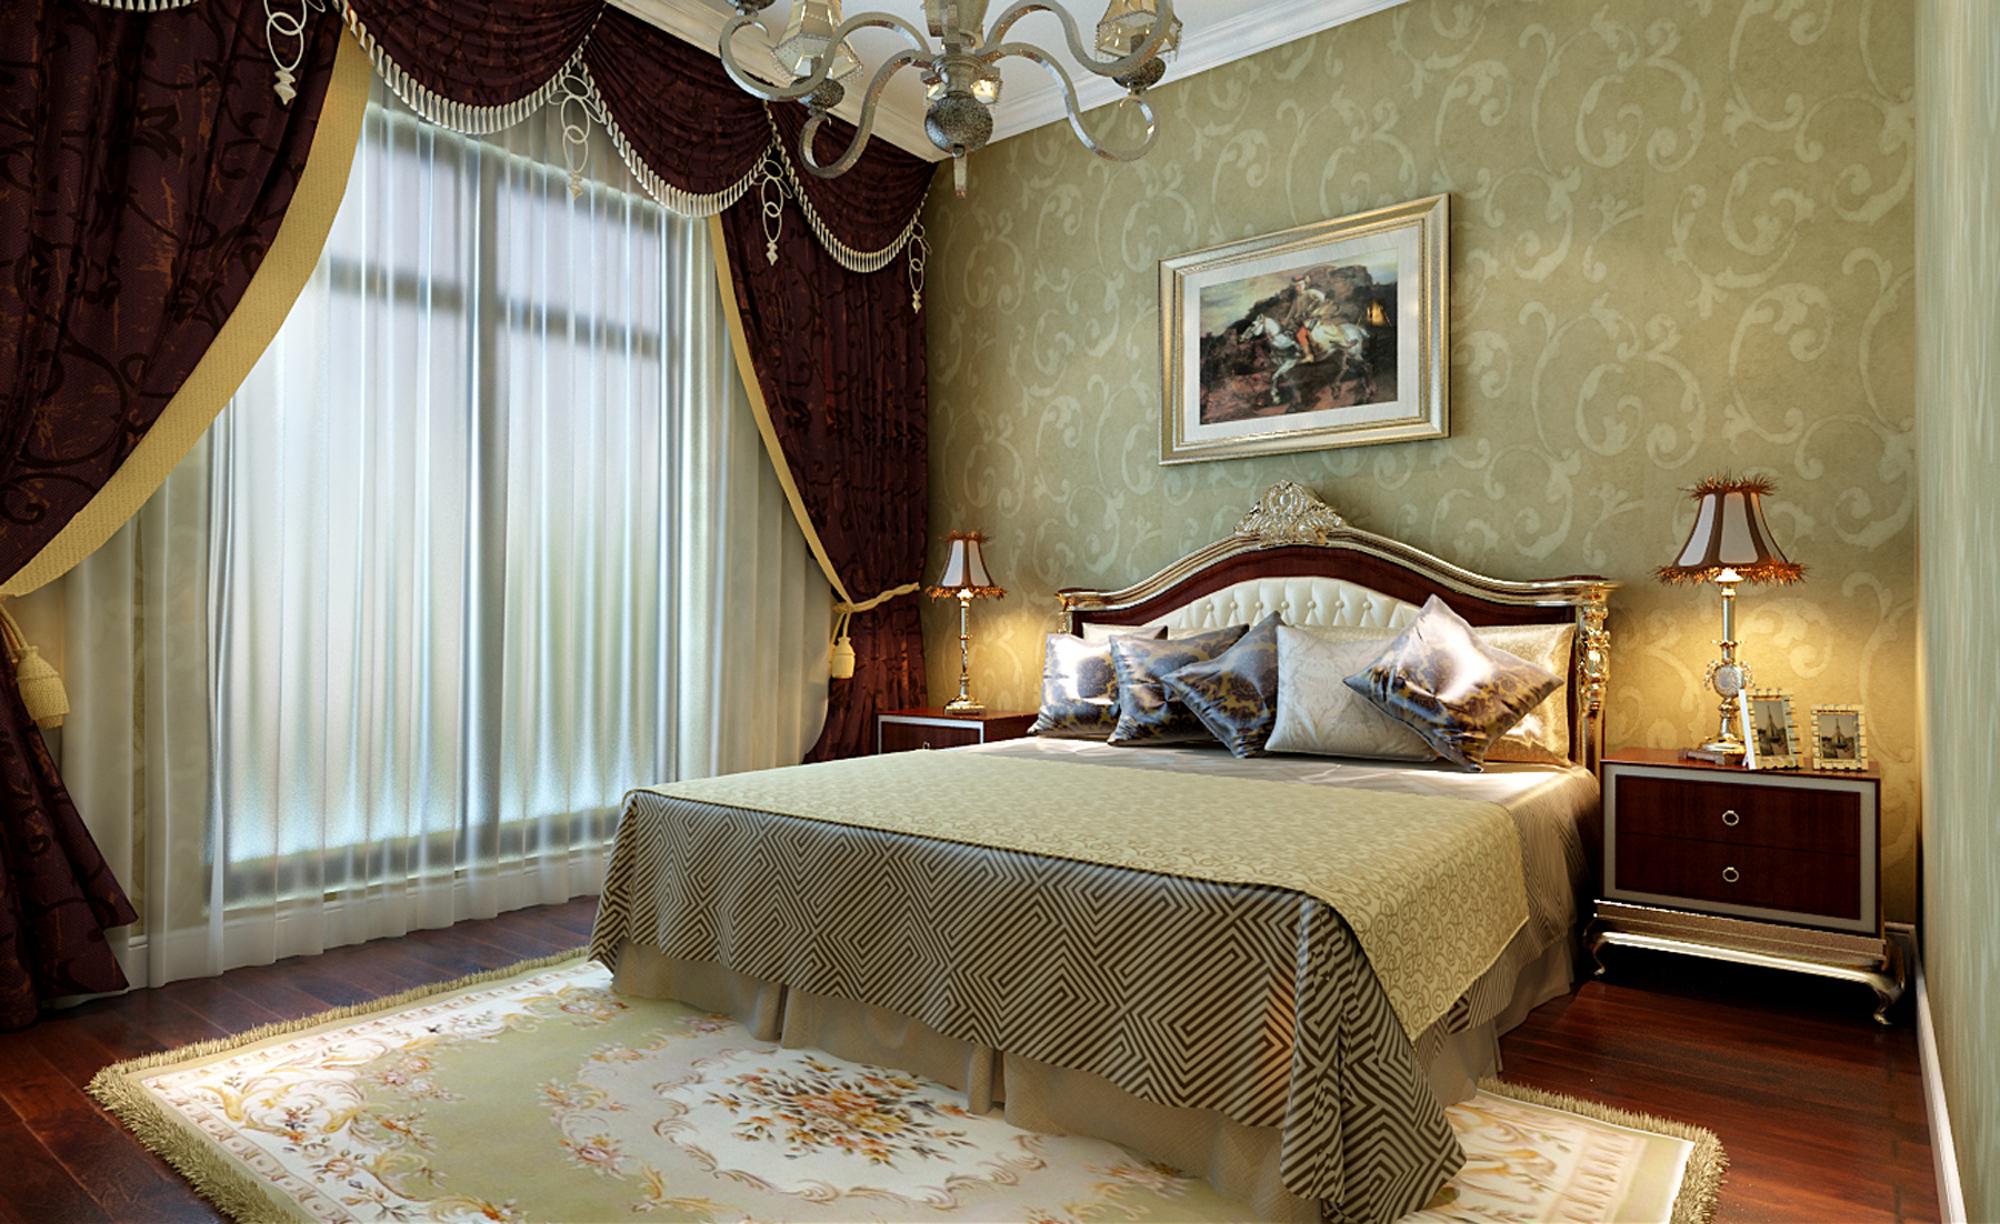 美式风格 别墅装修 精美别墅 美式 欧美风 80后 企业家 旧房改造 实创装饰 卧室图片来自北京实创装饰在250㎡美式别墅装修实际案例的分享